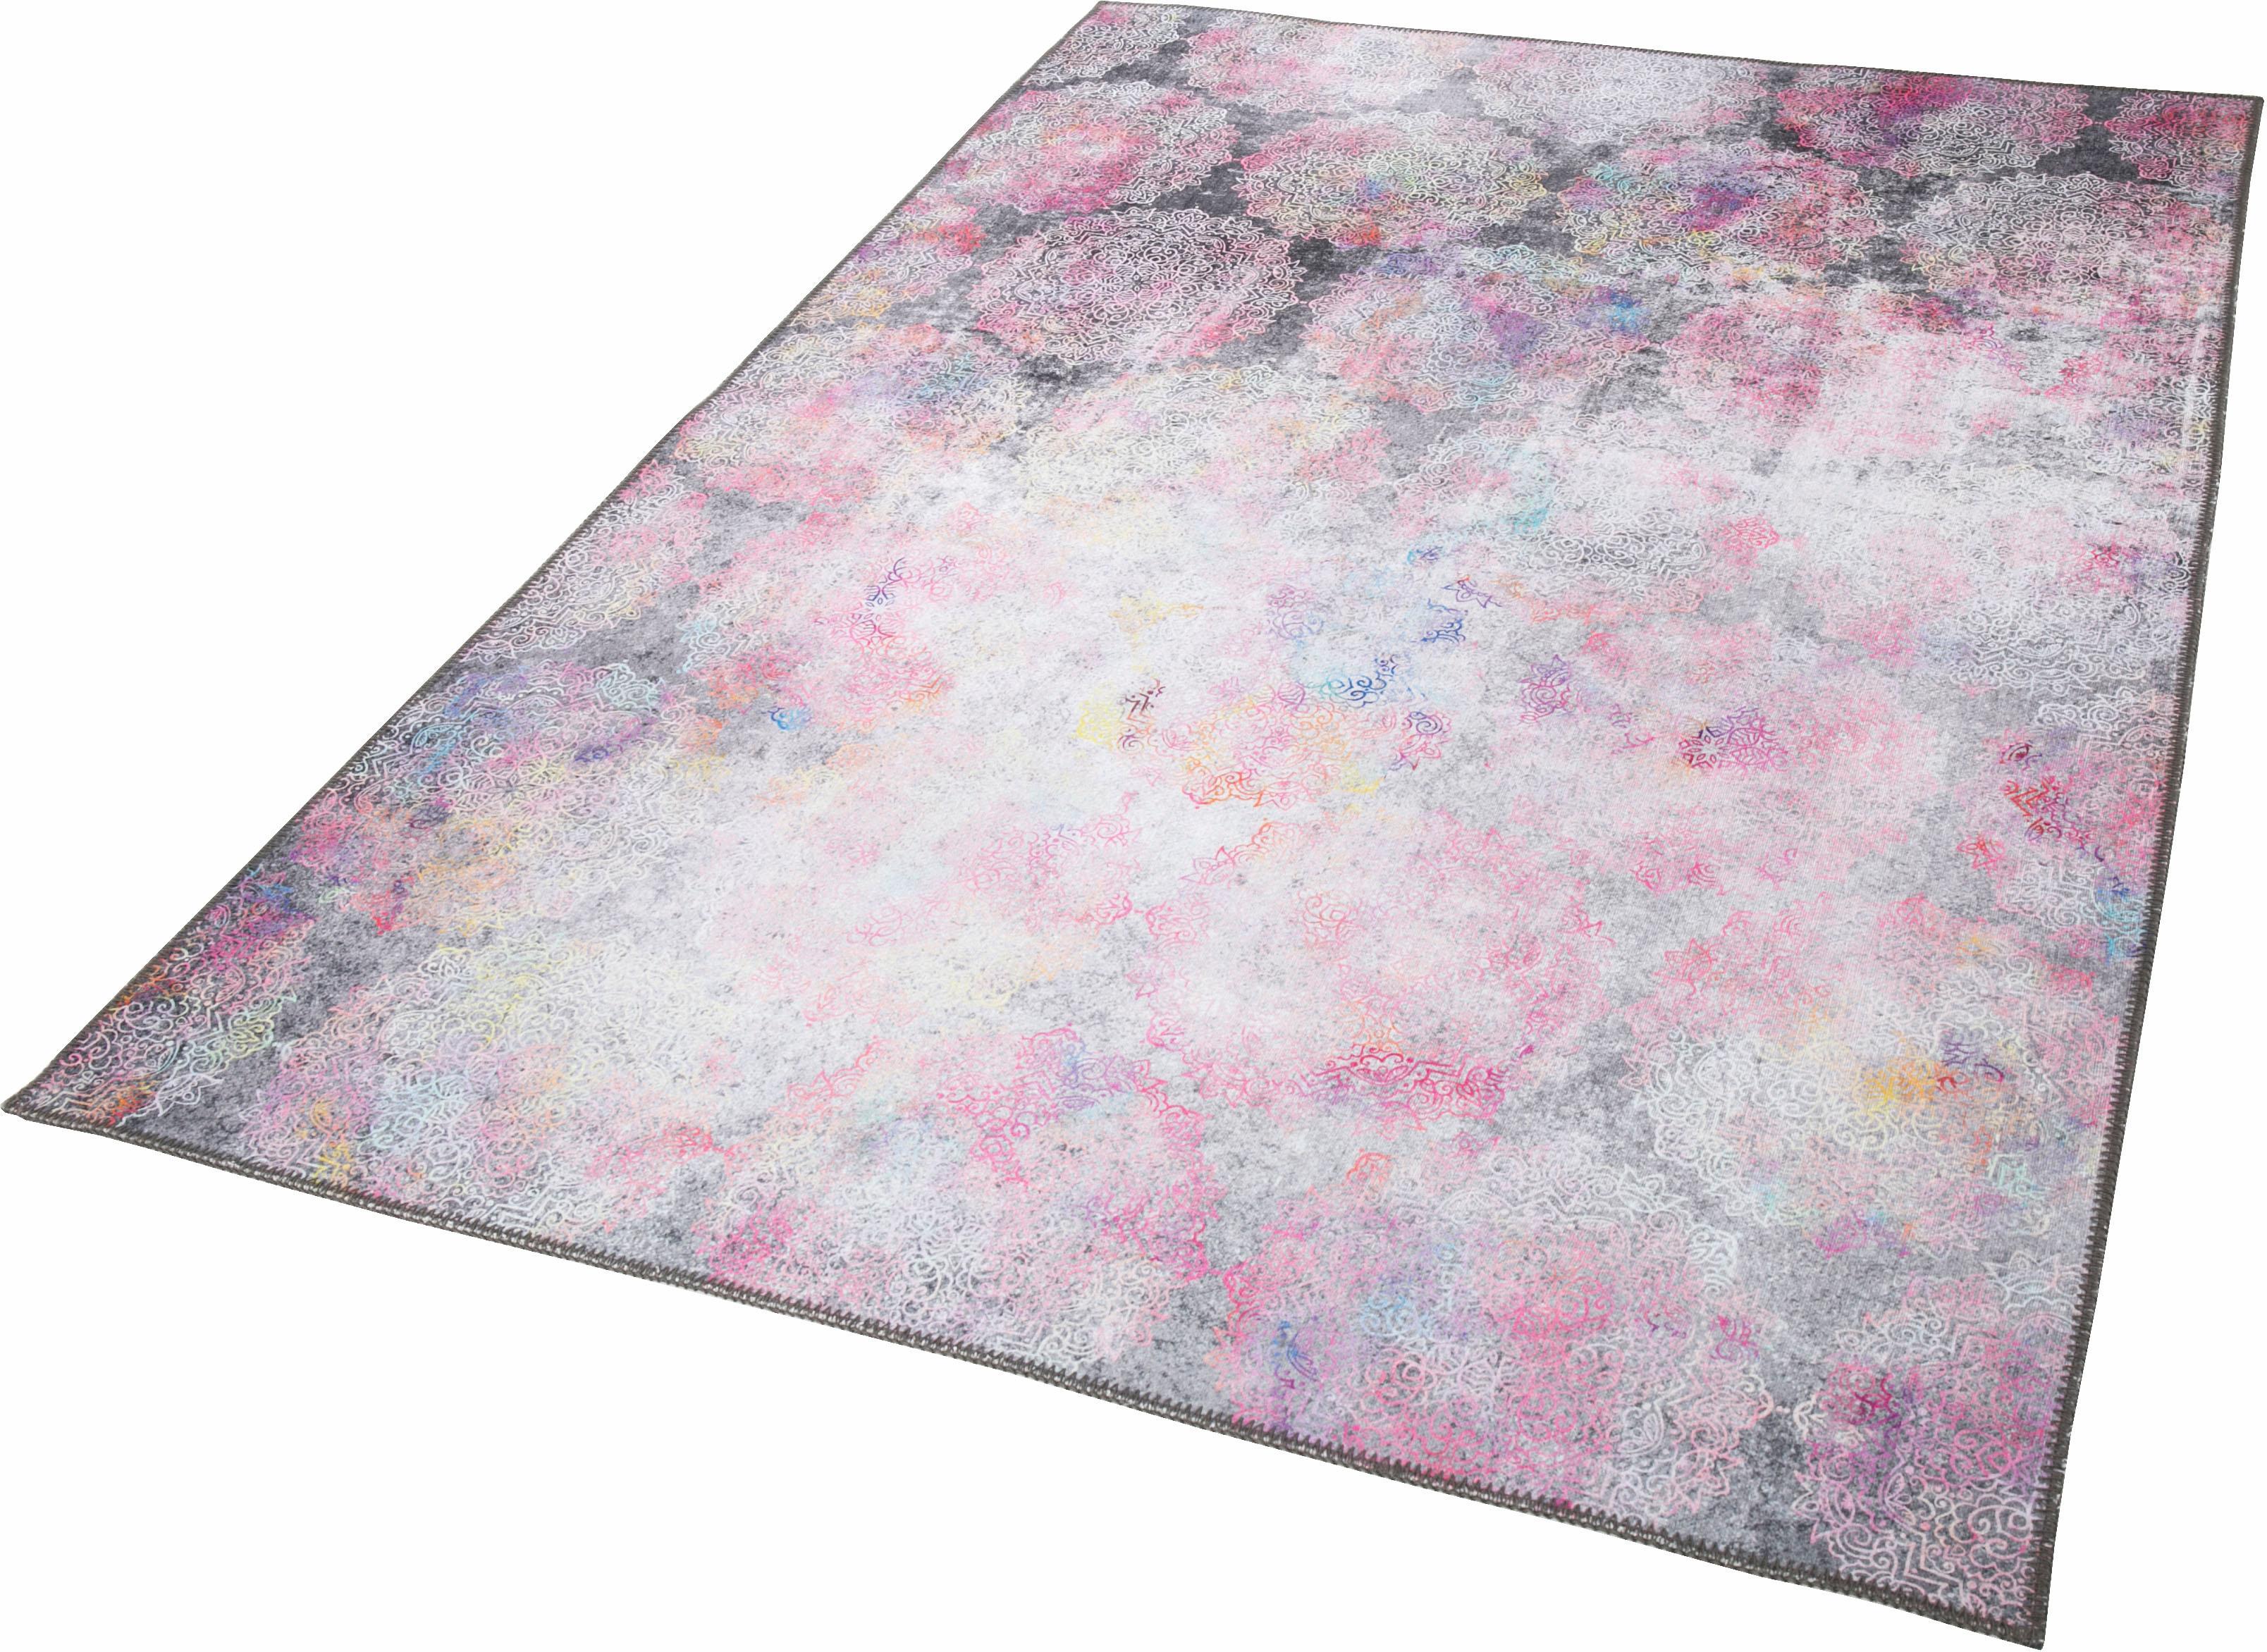 Teppich Unique 1 LUXOR living rechteckig Höhe 4 mm maschinell gewebt